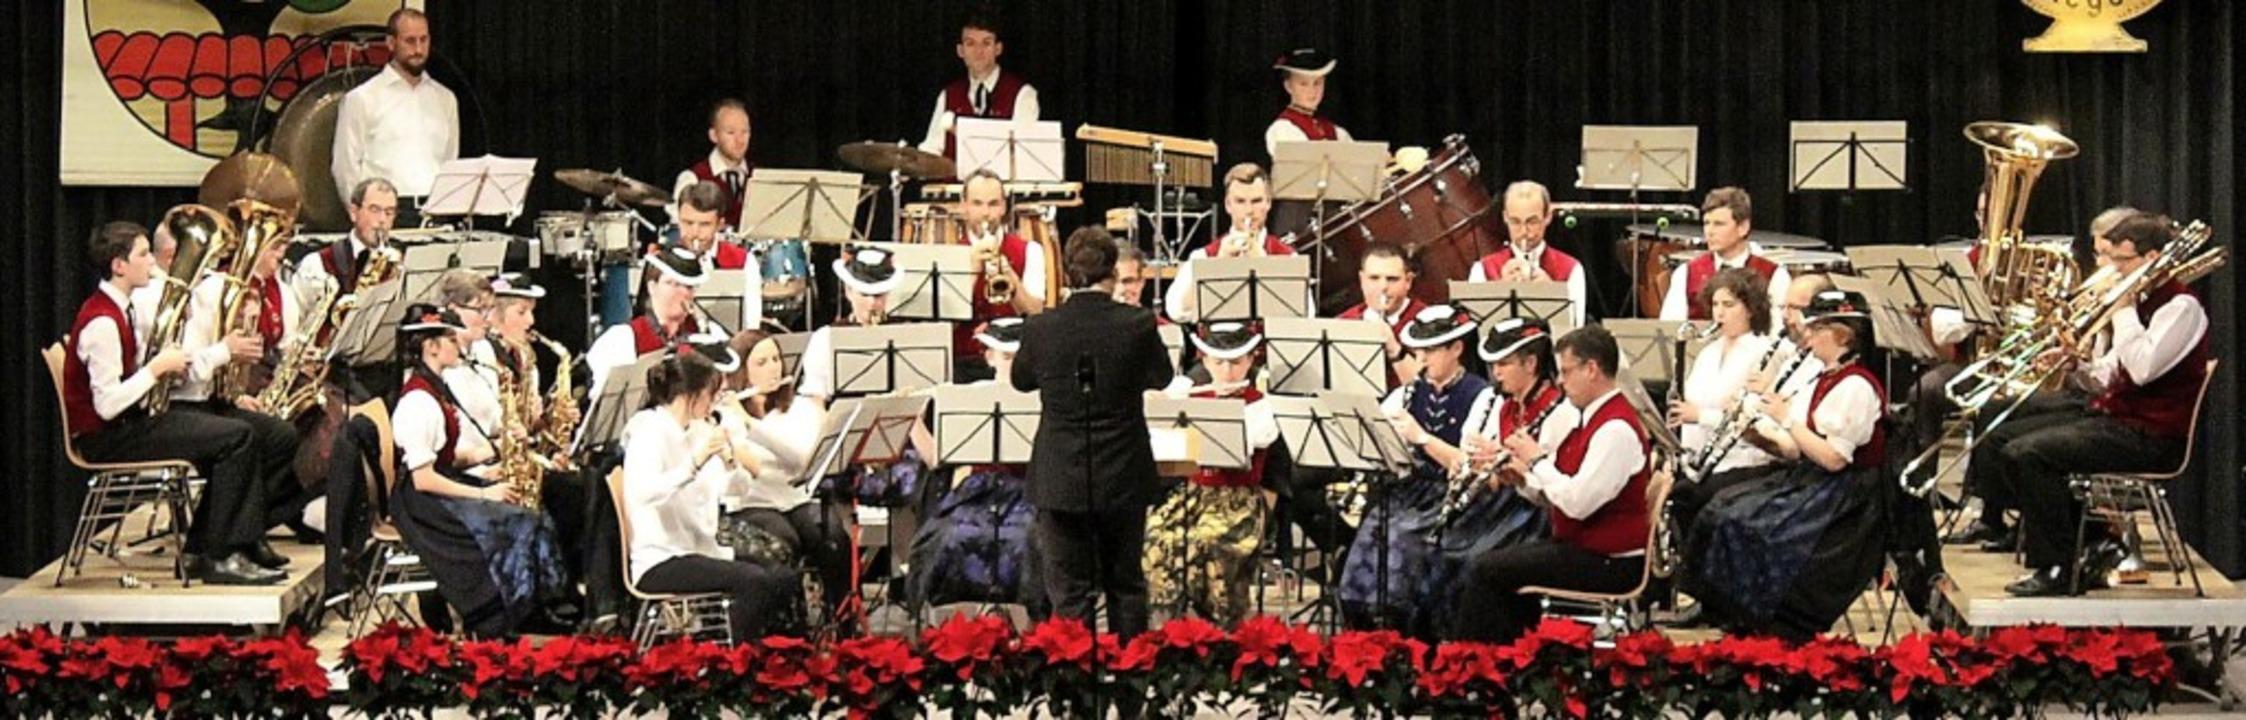 Ein denkwürdiges Konzert mit viel Mut ...n präsentierte der Musikverein Stegen.  | Foto: Erich Krieger